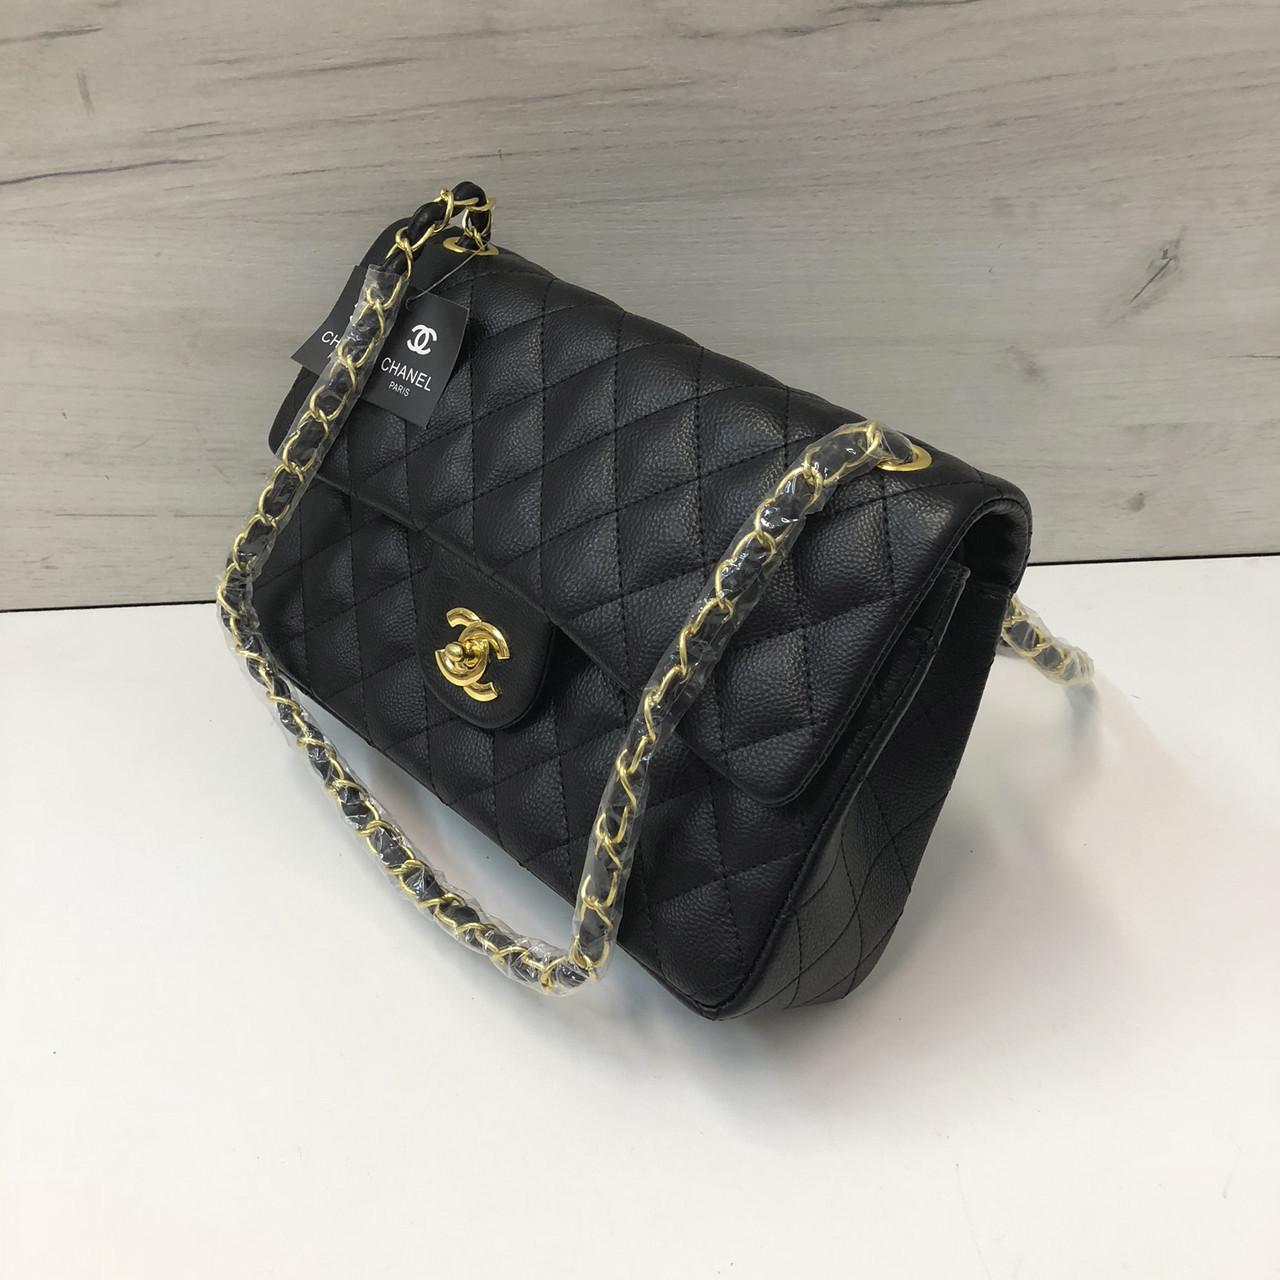 cff277002974 Сумка реплика Chanel classic flap 28см | Шанель серебристая фурнитура Черный